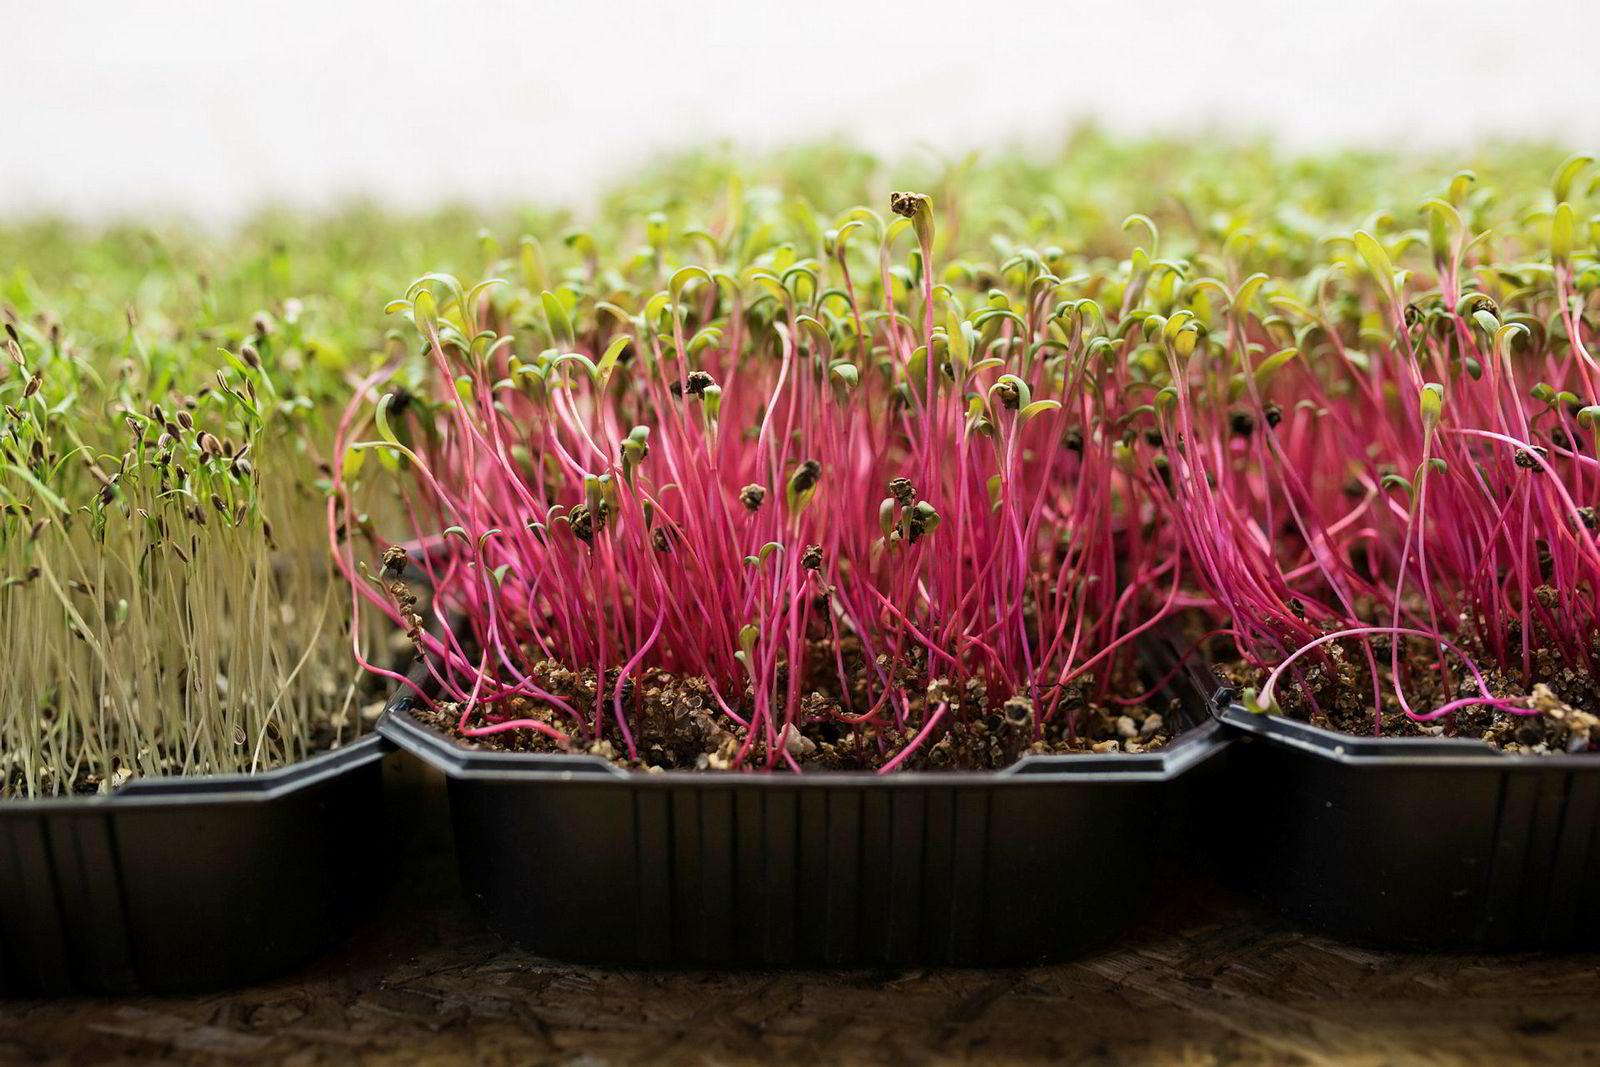 Slike spirer, såkalt mikrogrønt, leveres allerede i stort omfang fra bedriften Smågrønt til restauranter i stavangerområdet.